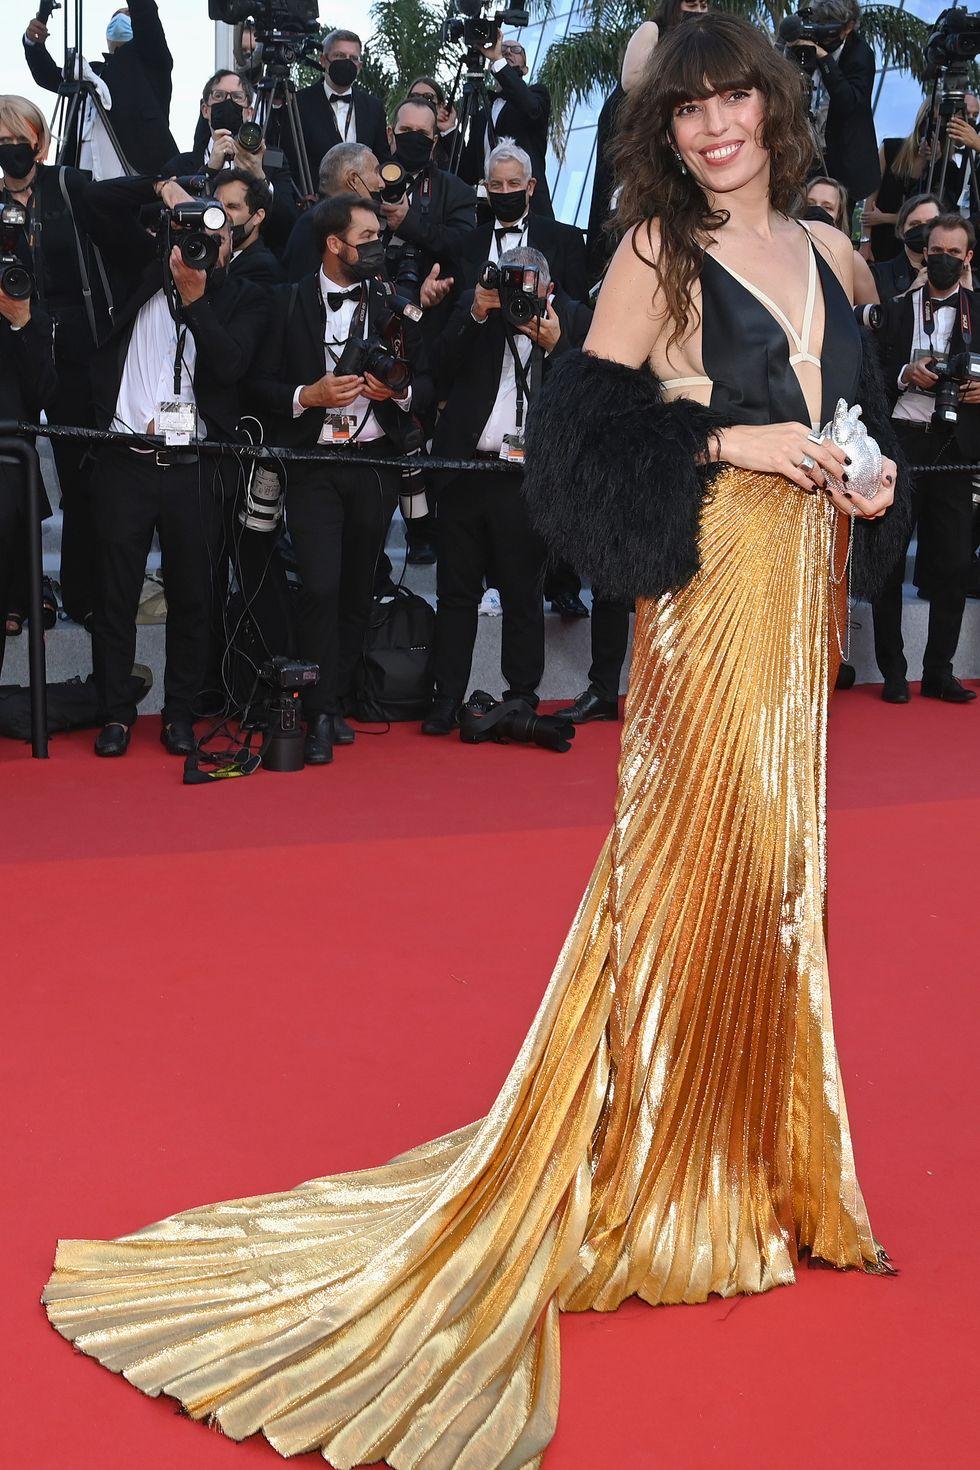 Lou Doillon mang đến sự kịch tính trong chiếc váy Gucci với phần chân váy xếp ly vàng ấn tượng.